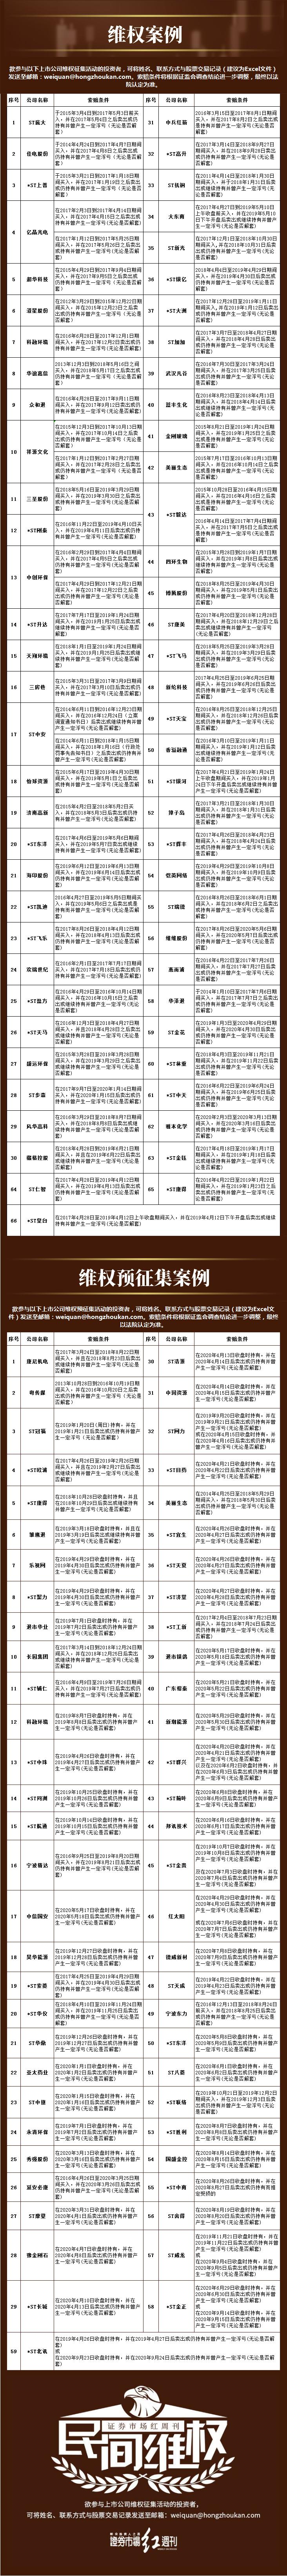 民间维权 | 收购事项涉嫌违规 安妮股份进行说明